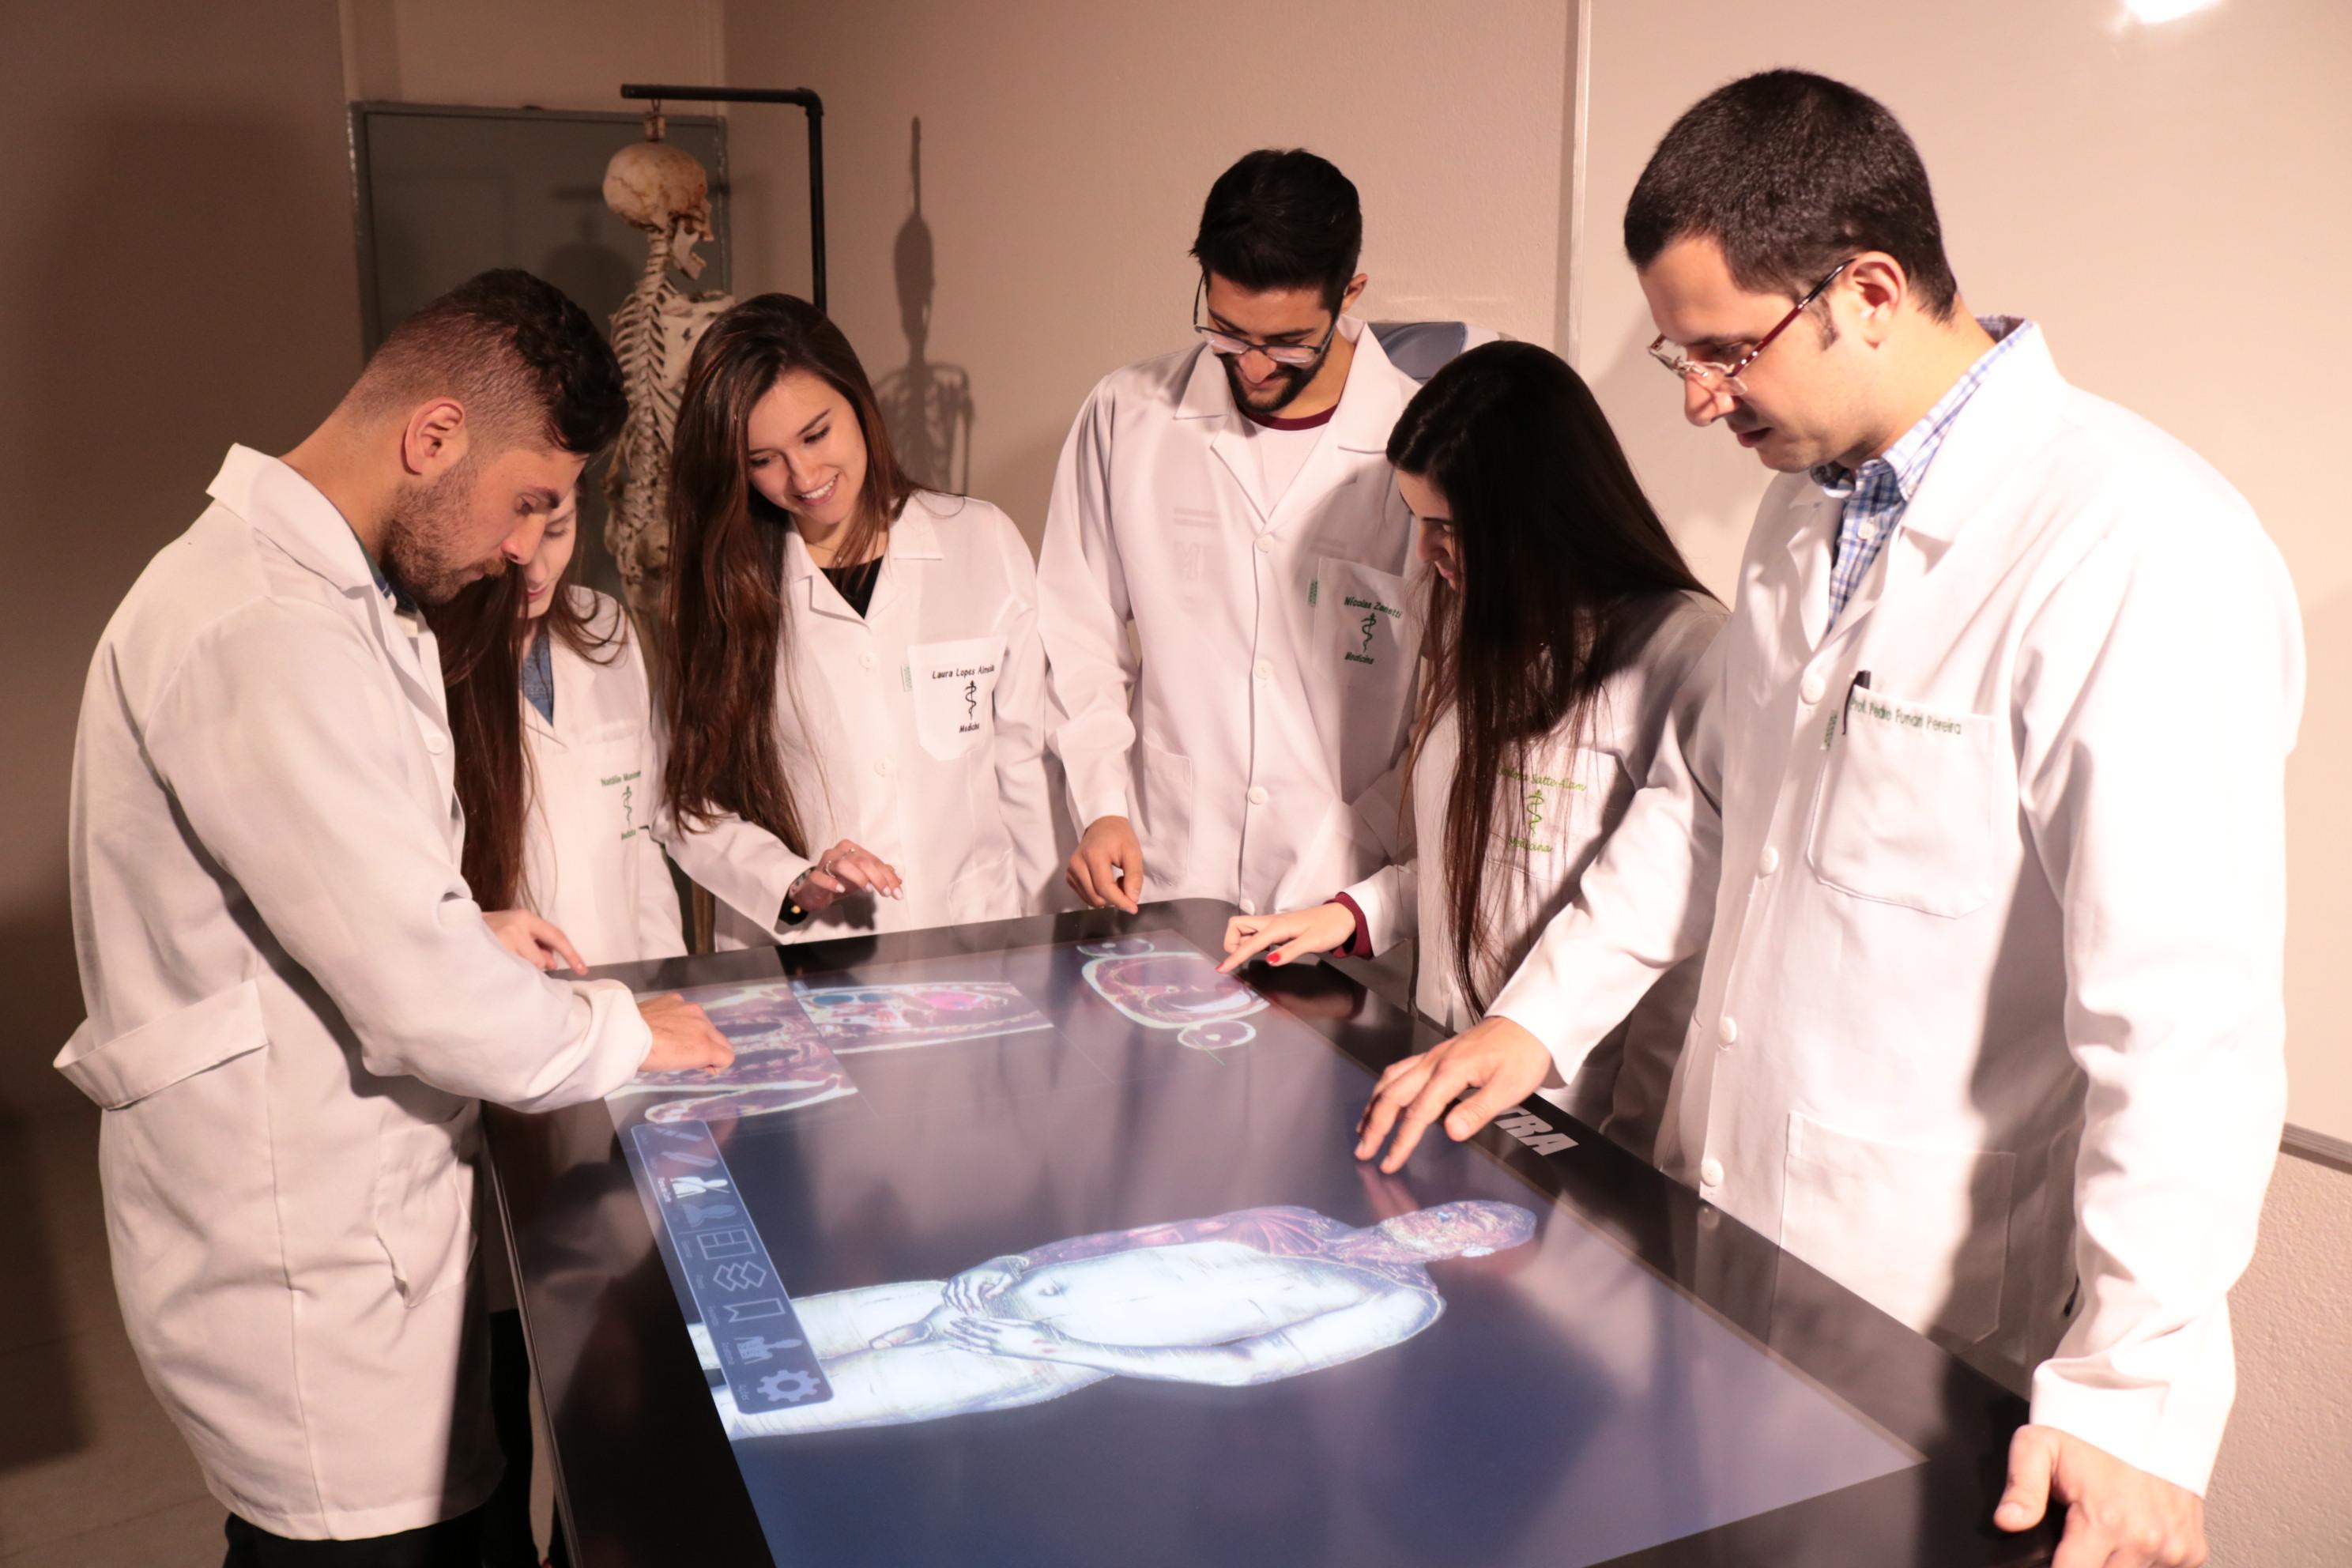 estudar na ucpel - mesa sectra - tecnologia - Foto Alisson Assumpção